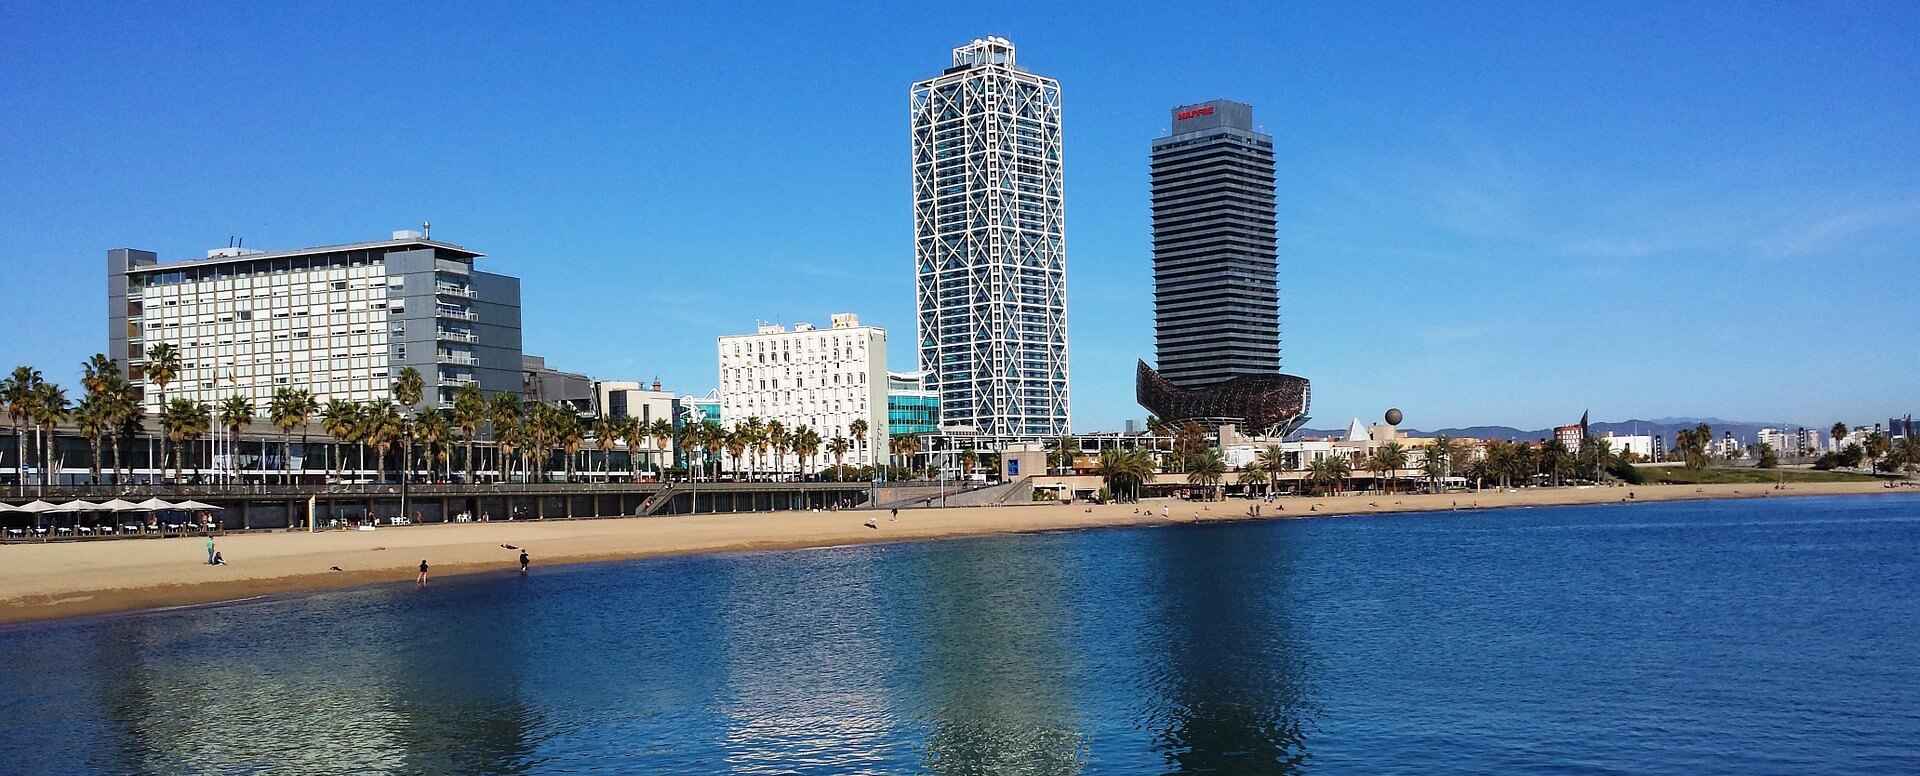 6 - Passer dans le quartier de Barceloneta - Barcelone